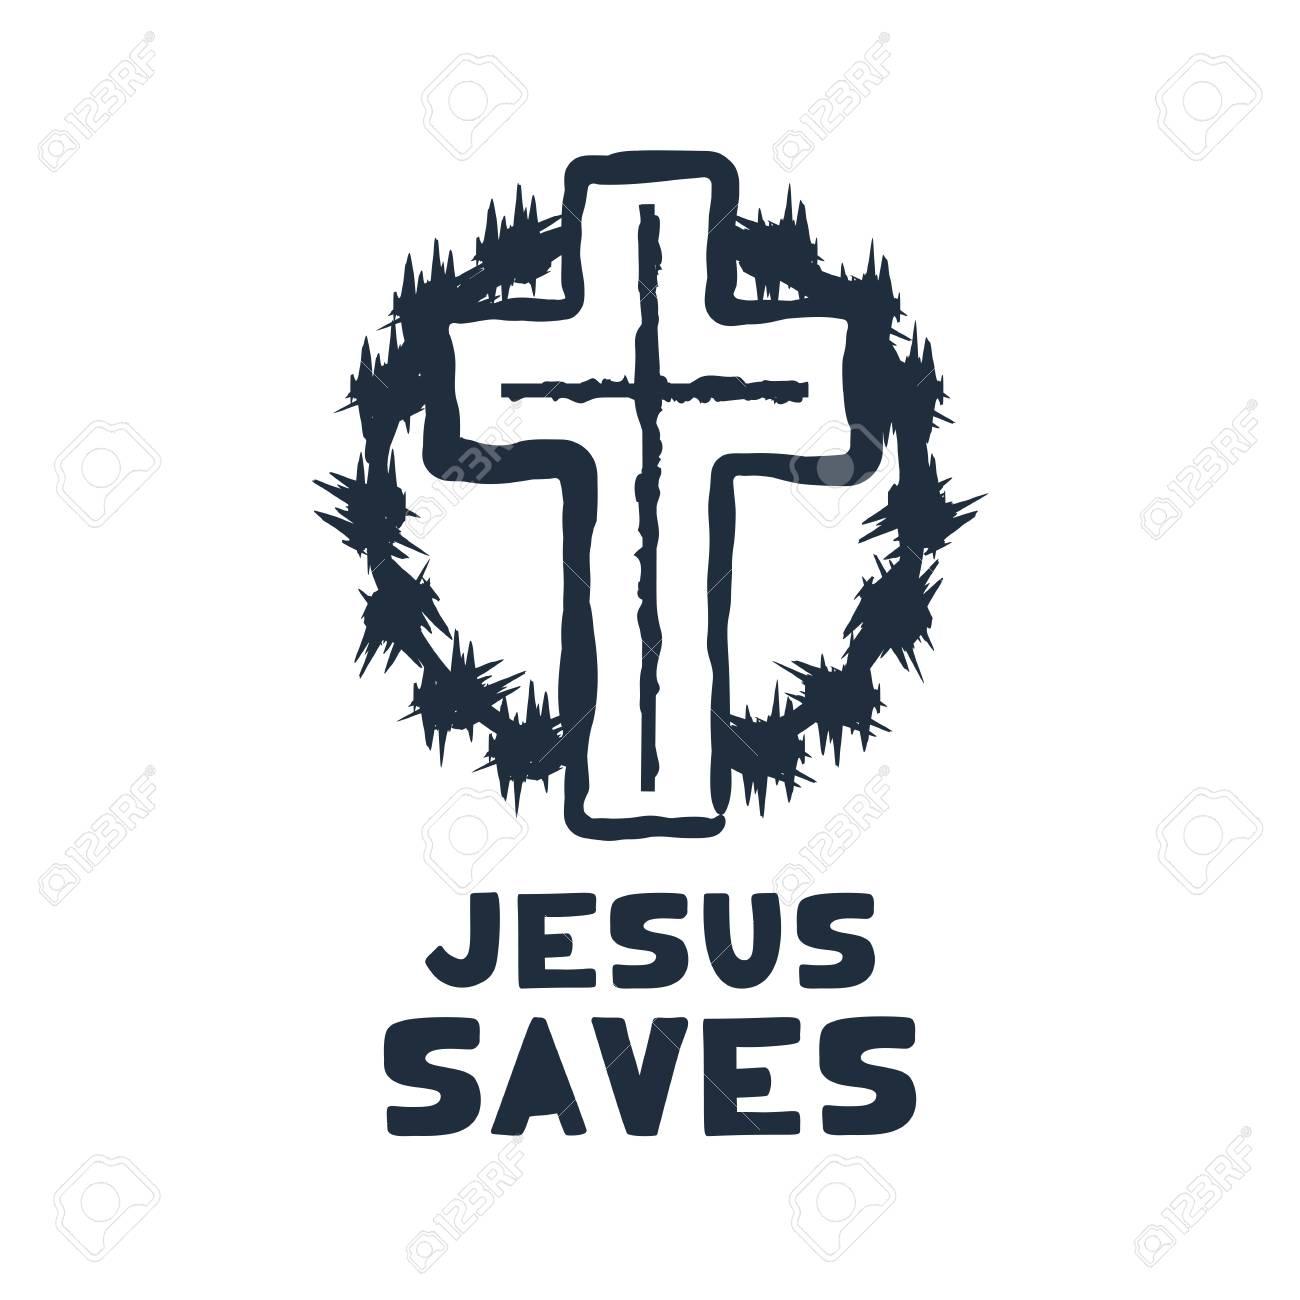 Jesus saves religious lettering brush illustration art design for Christian Bible church t-shirt, print, postcard. - 126057710